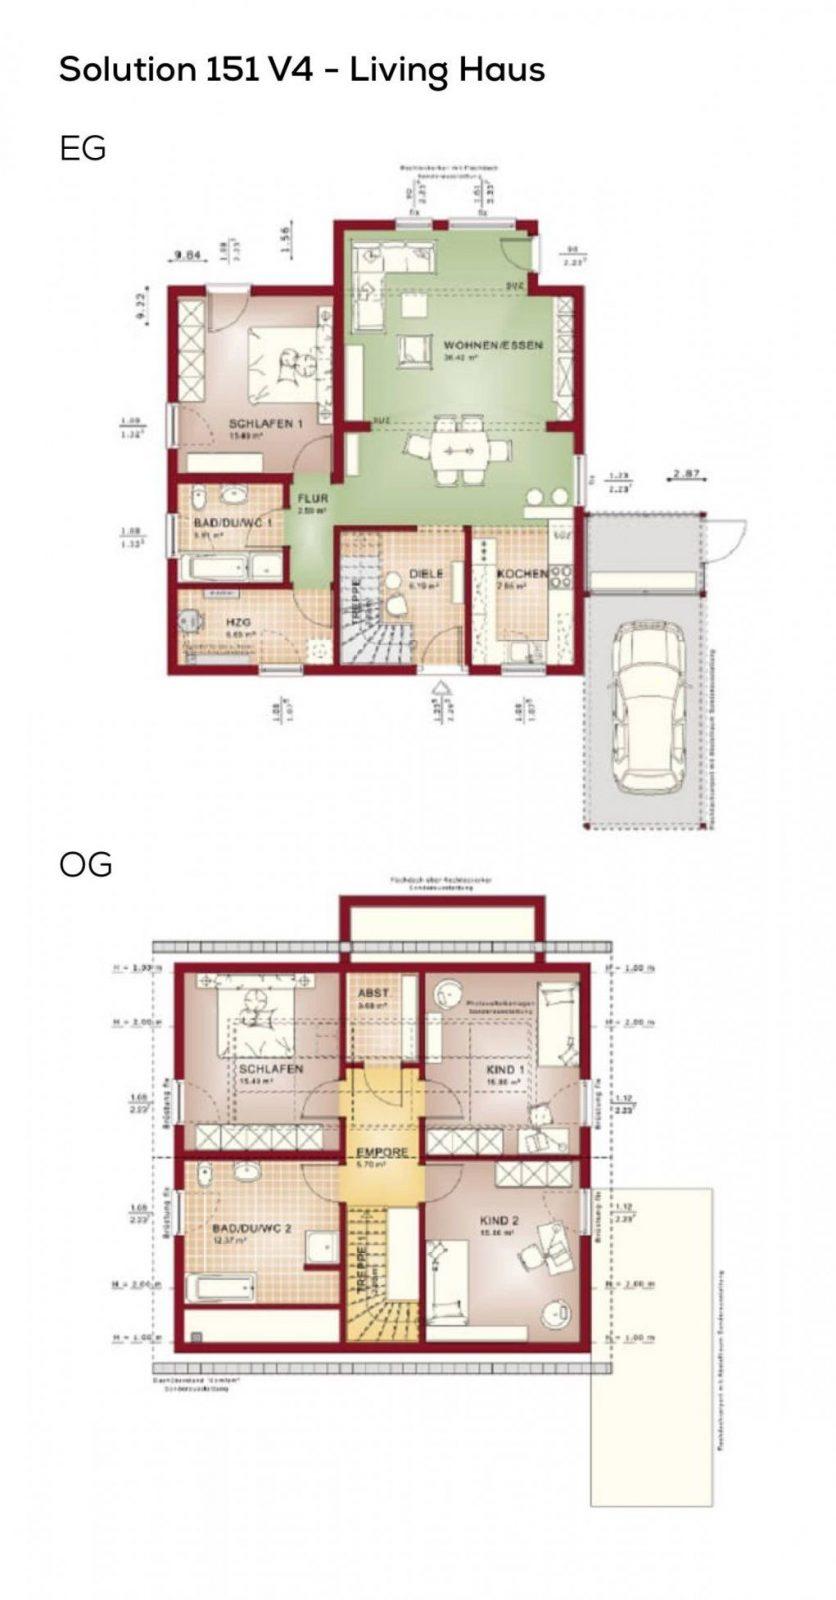 Grundriss Einfamilienhaus Mit Satteldach  5 Zimmer 150 Qm von Grundriss Einfamilienhaus 150 Qm Bild